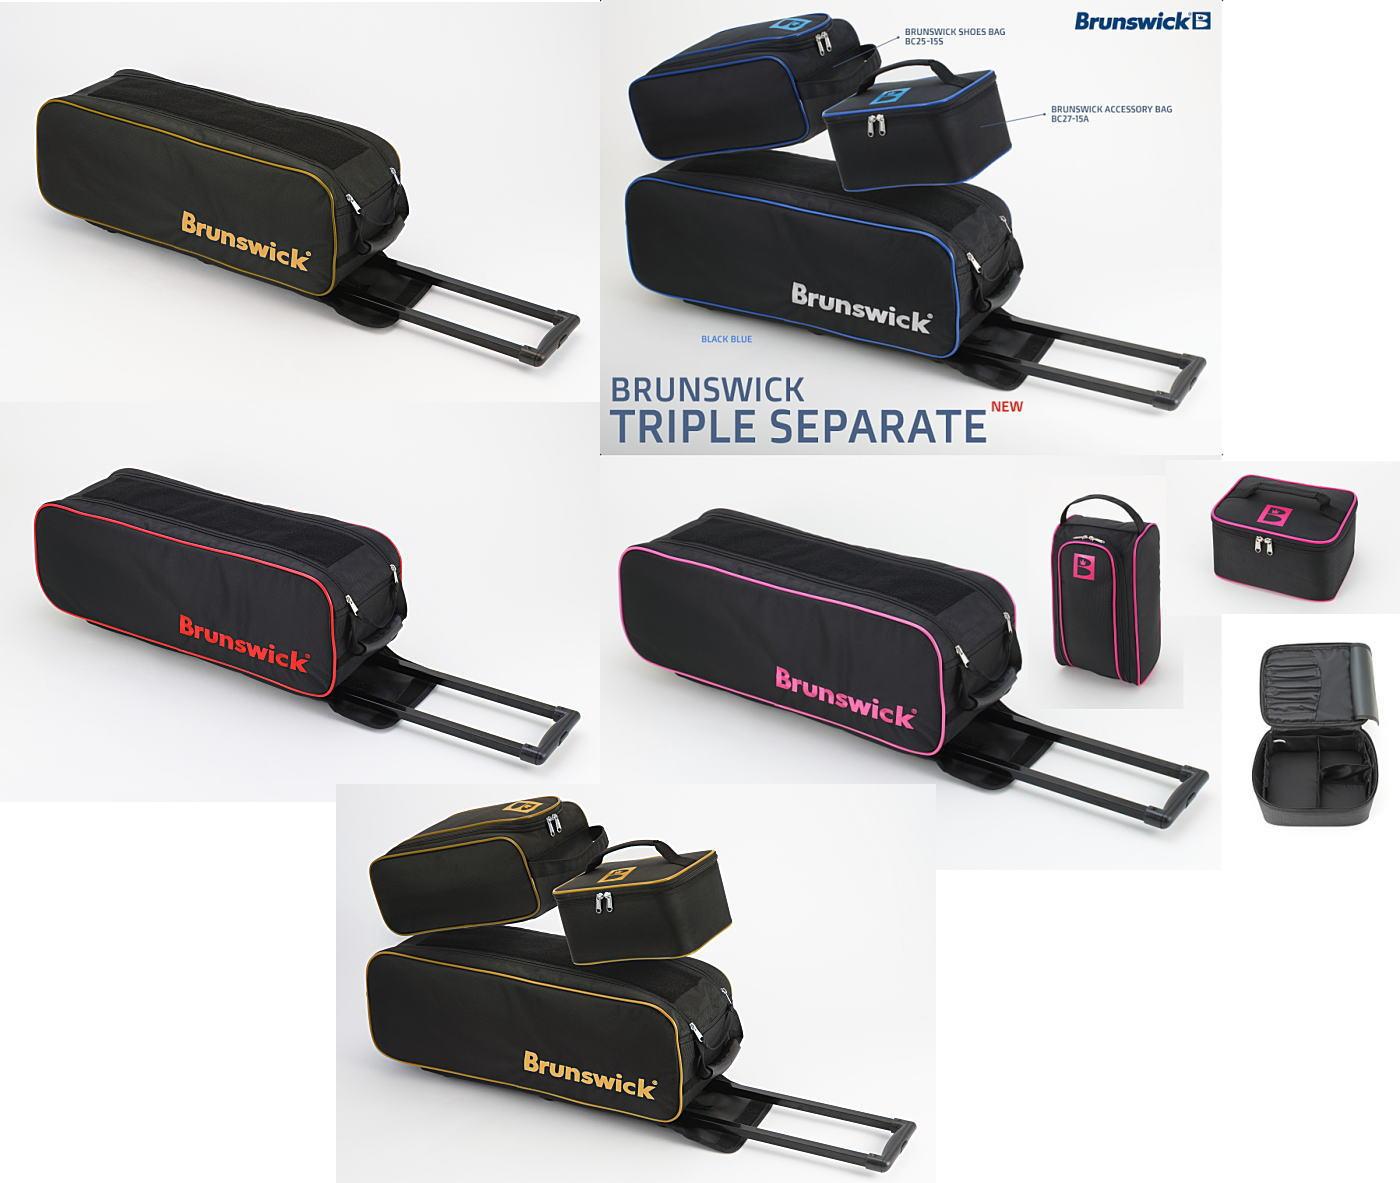 【Brunswick】 BC180-15T トリプルセパレート カートバッグ